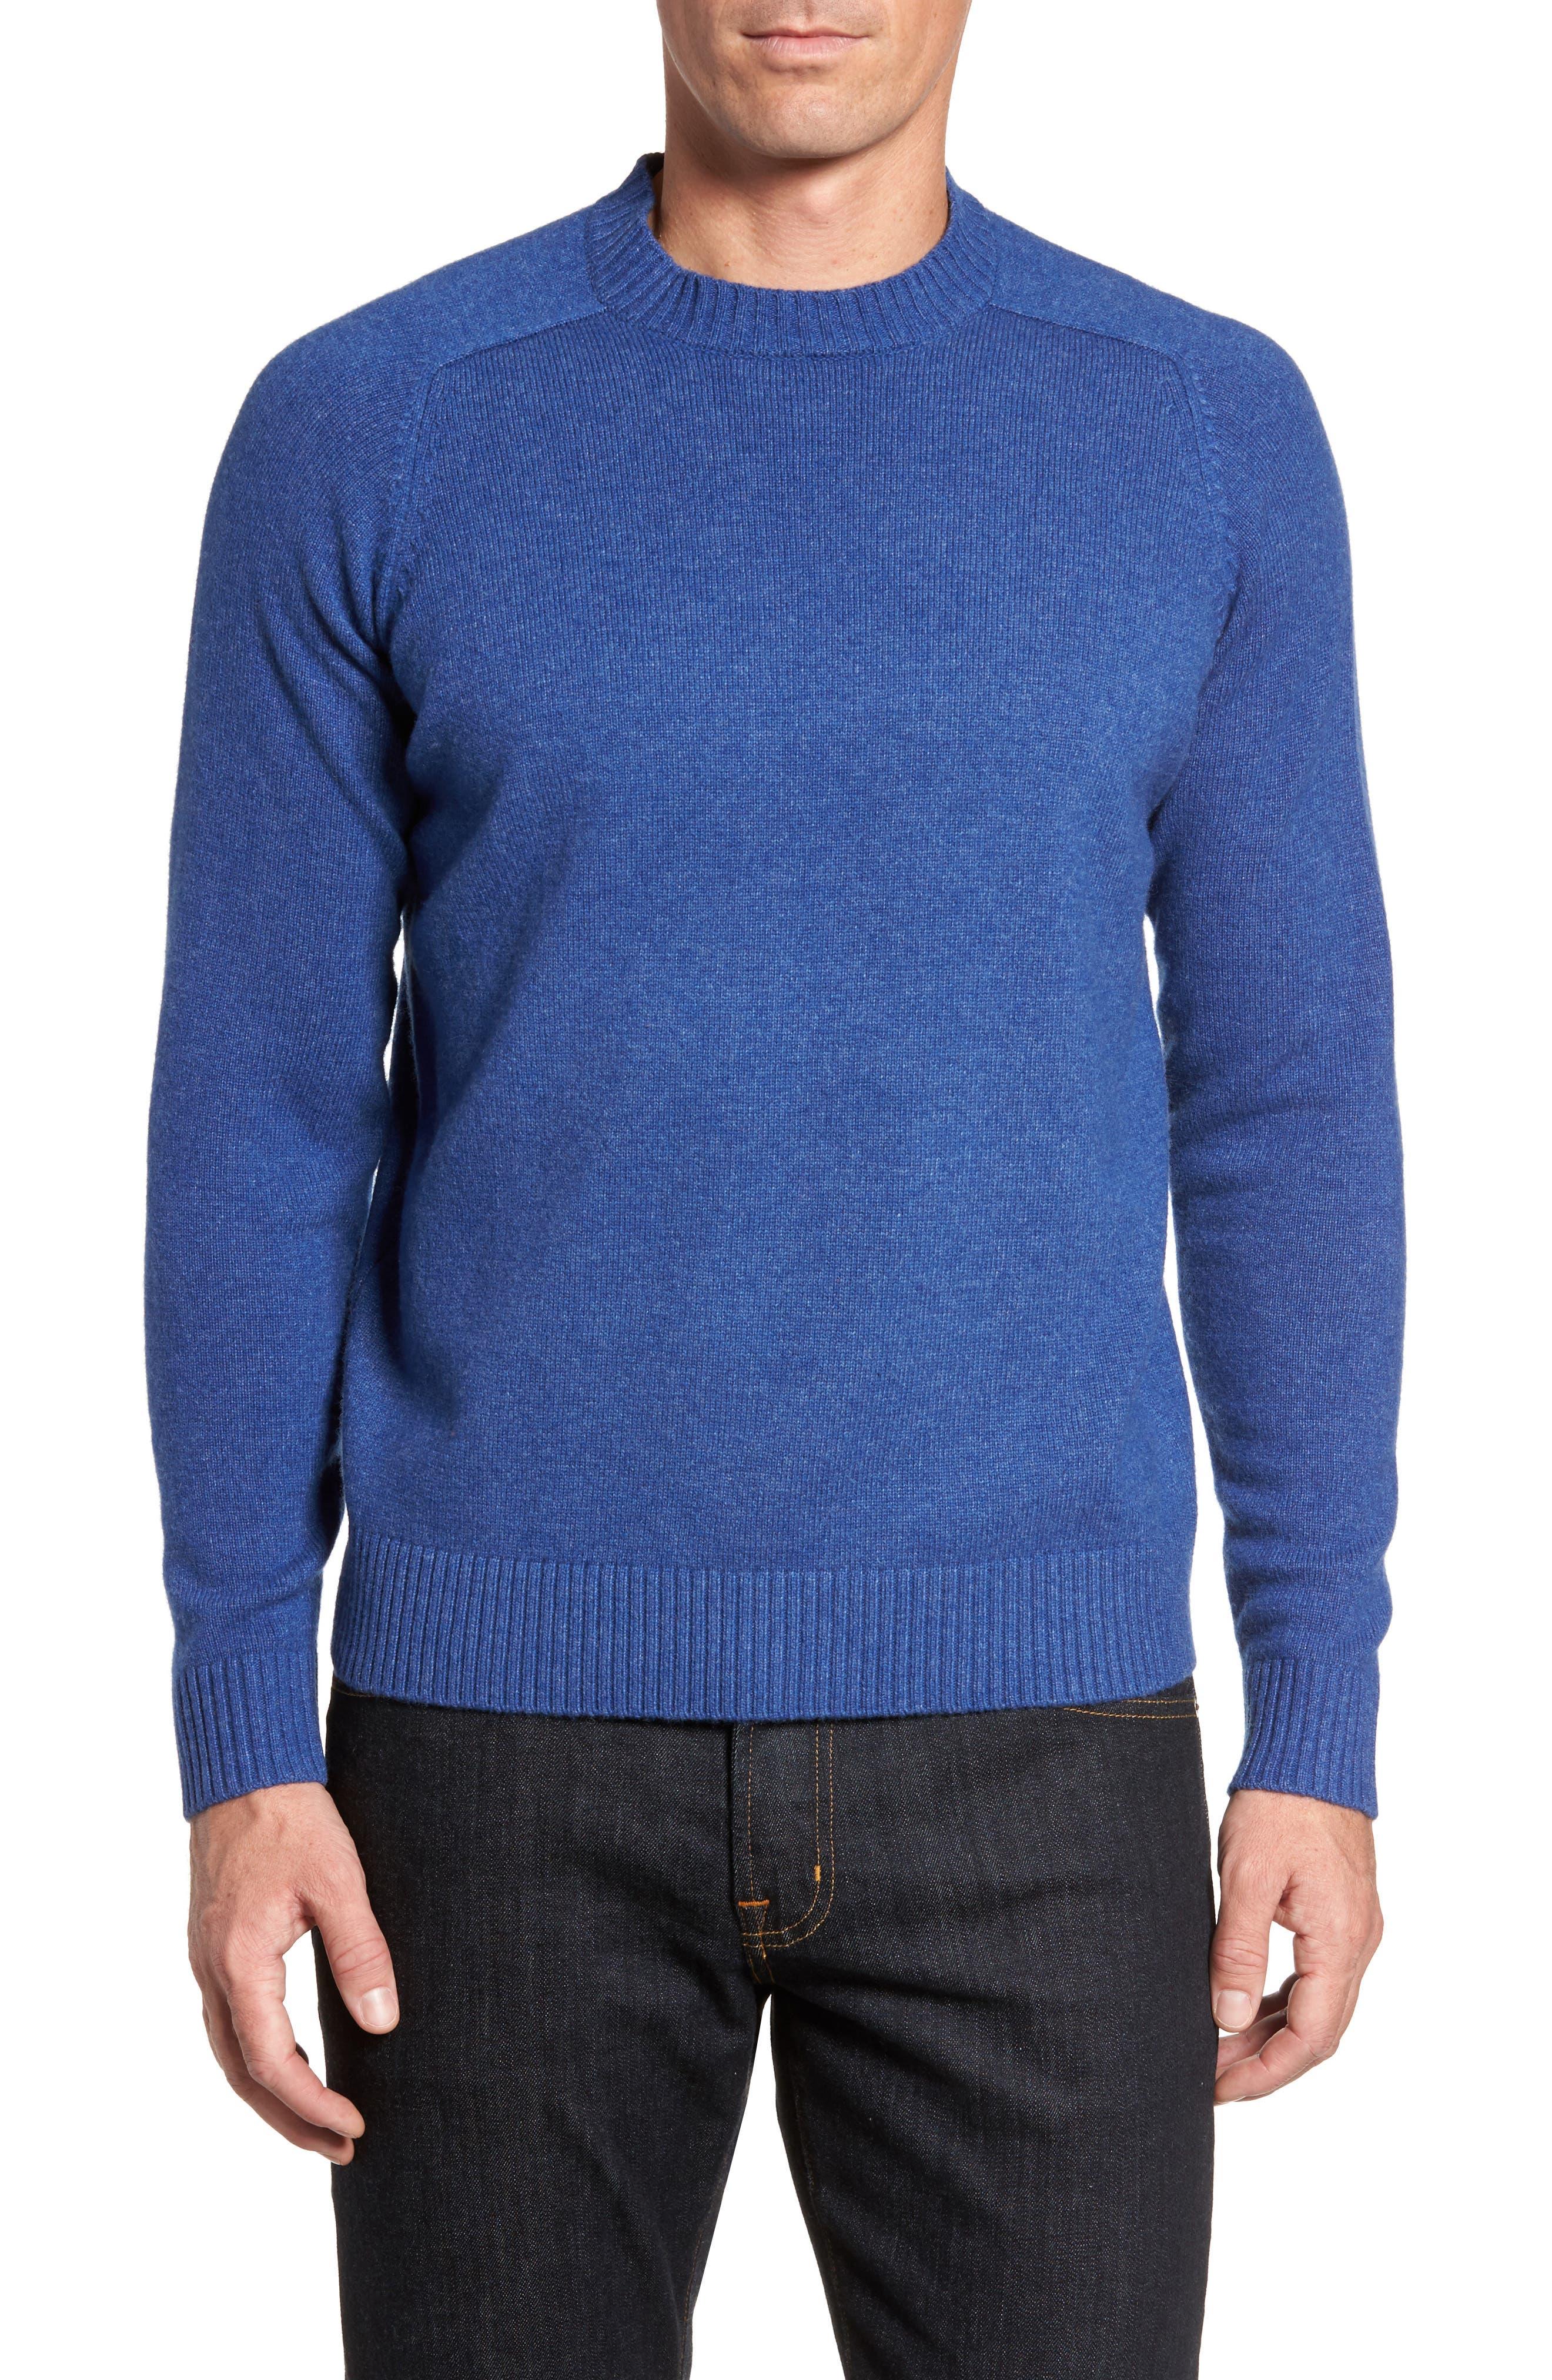 Alternate Image 1 Selected - Peter Millar Crown Vintage Crewneck Sweatshirt